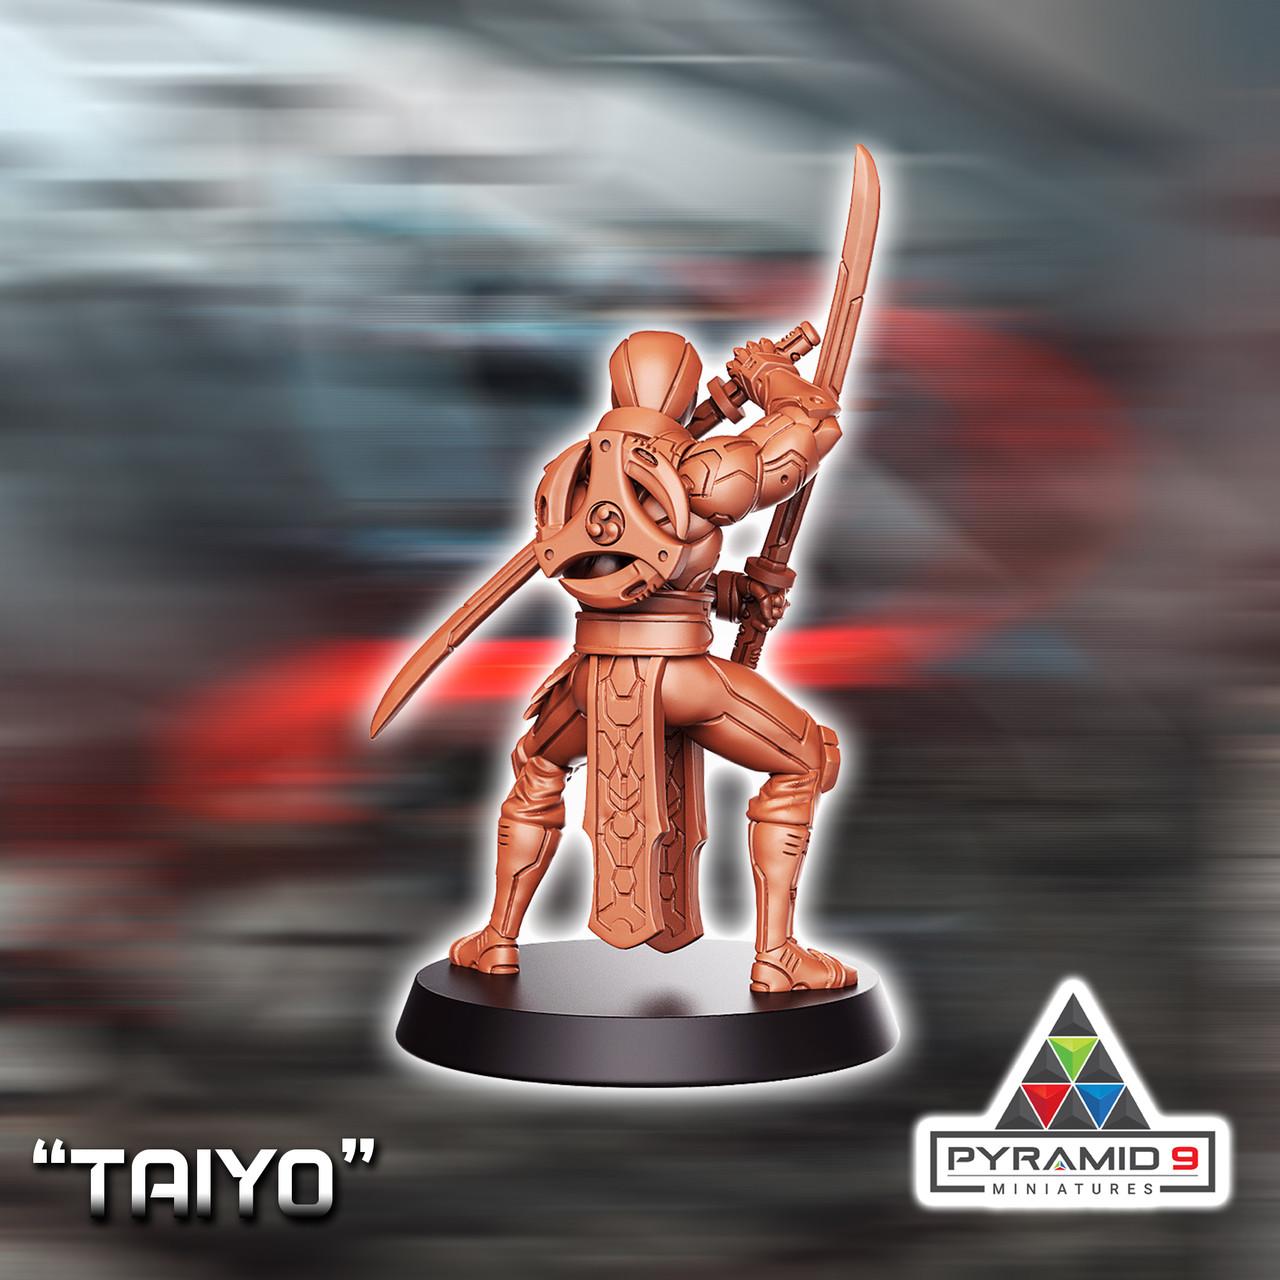 Pyramid 9 - Taiyo